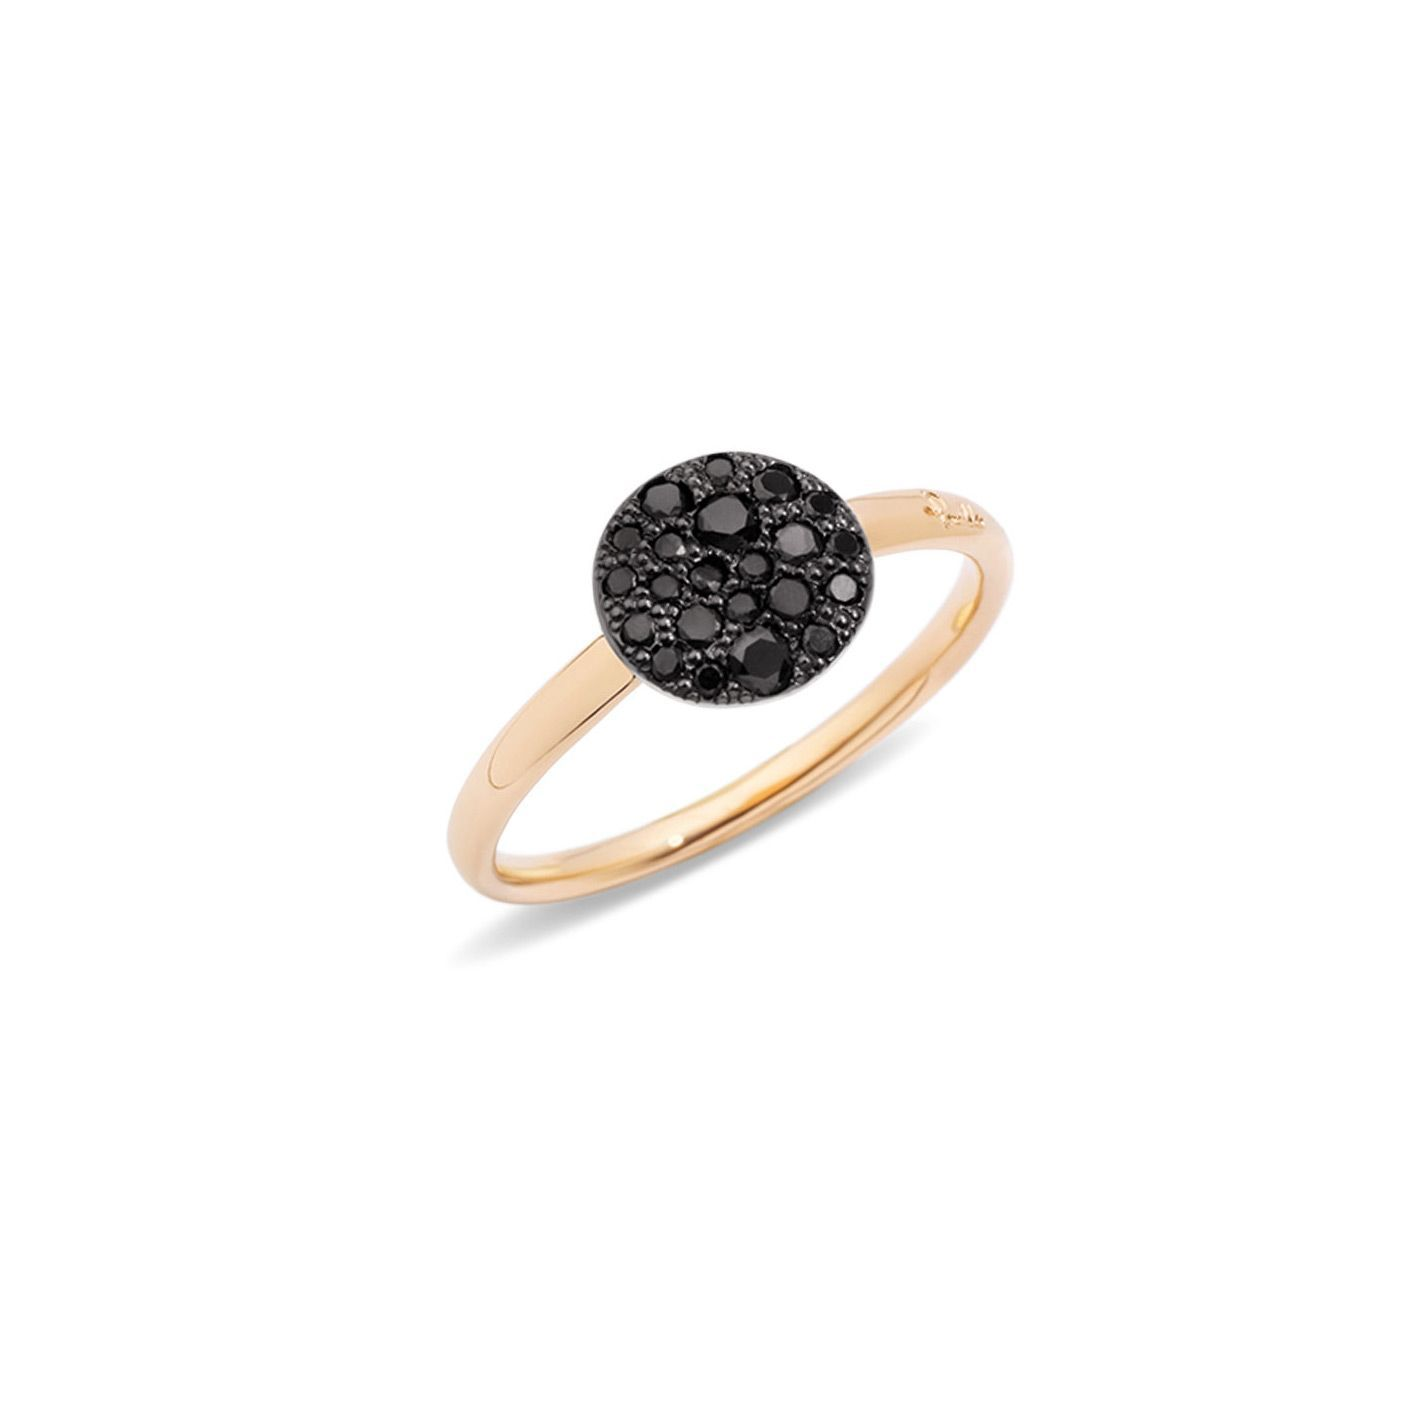 Bague Pomellato Sabbia petit modèle en Or rose et Diamant noir vue 1